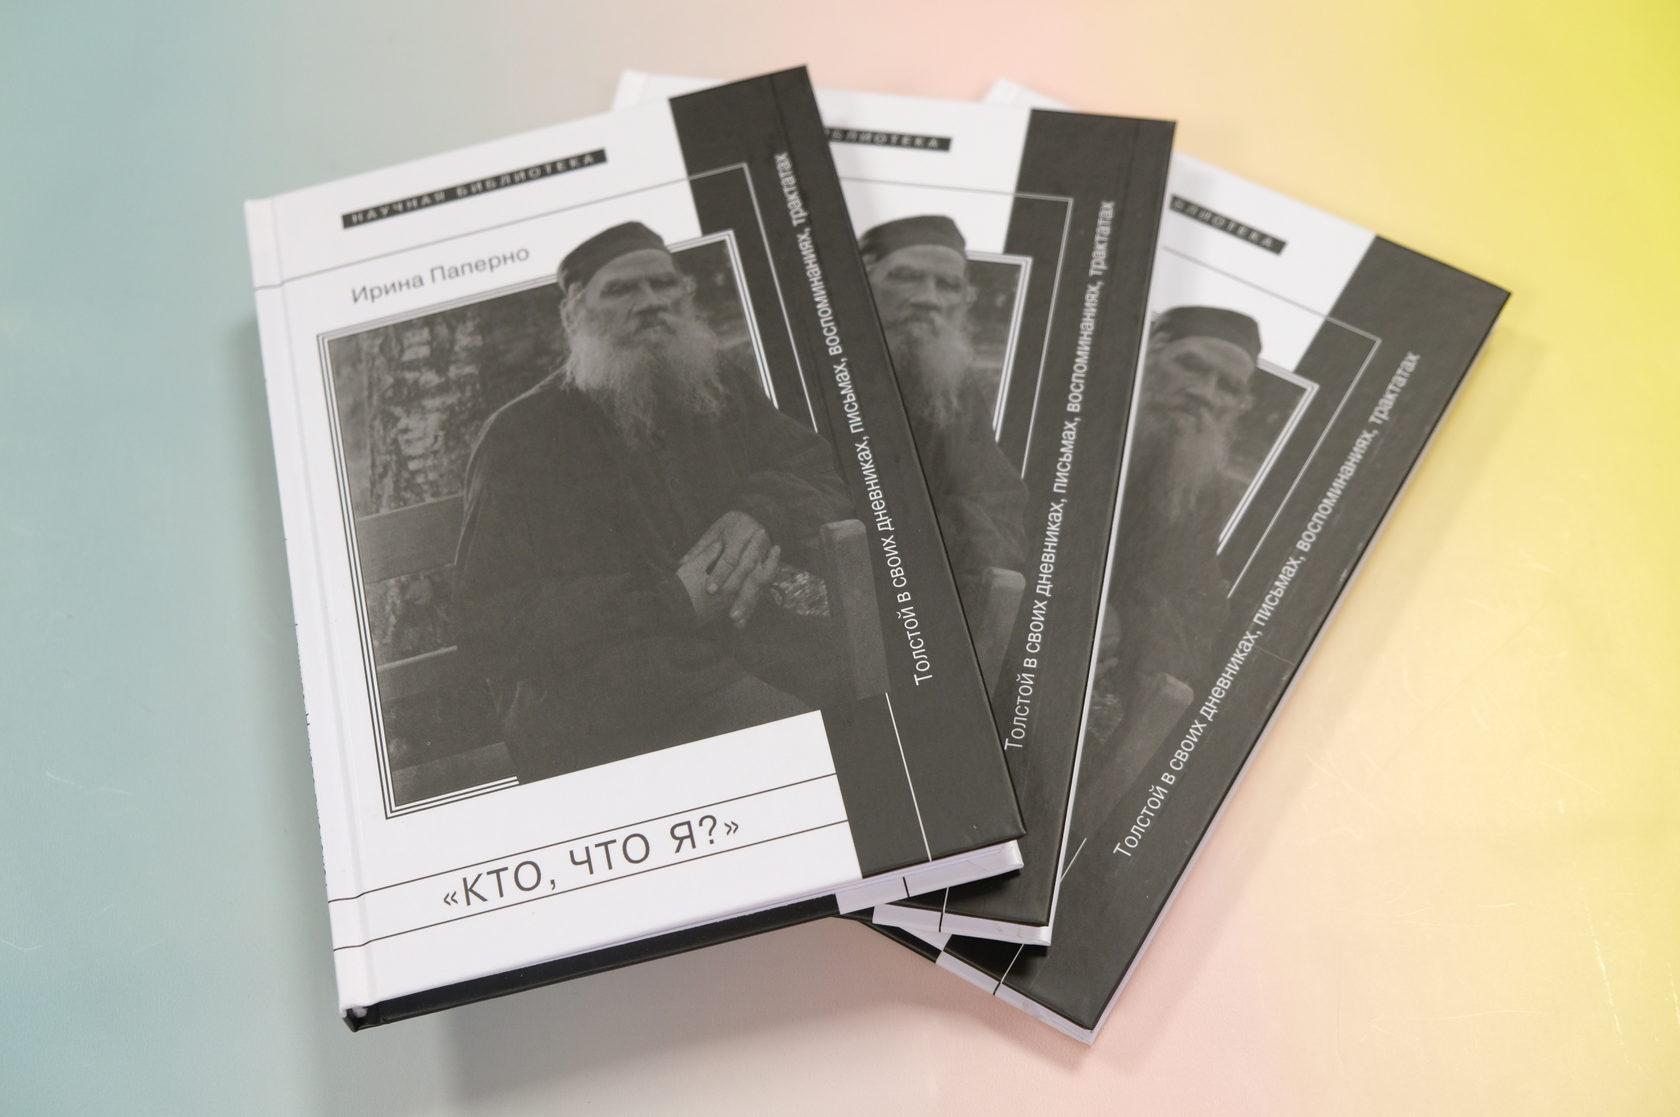 """Ирина Паперно «""""Кто, что я?"""" Толстой в своих дневниках, письмах, воспоминаниях, трактатах»"""